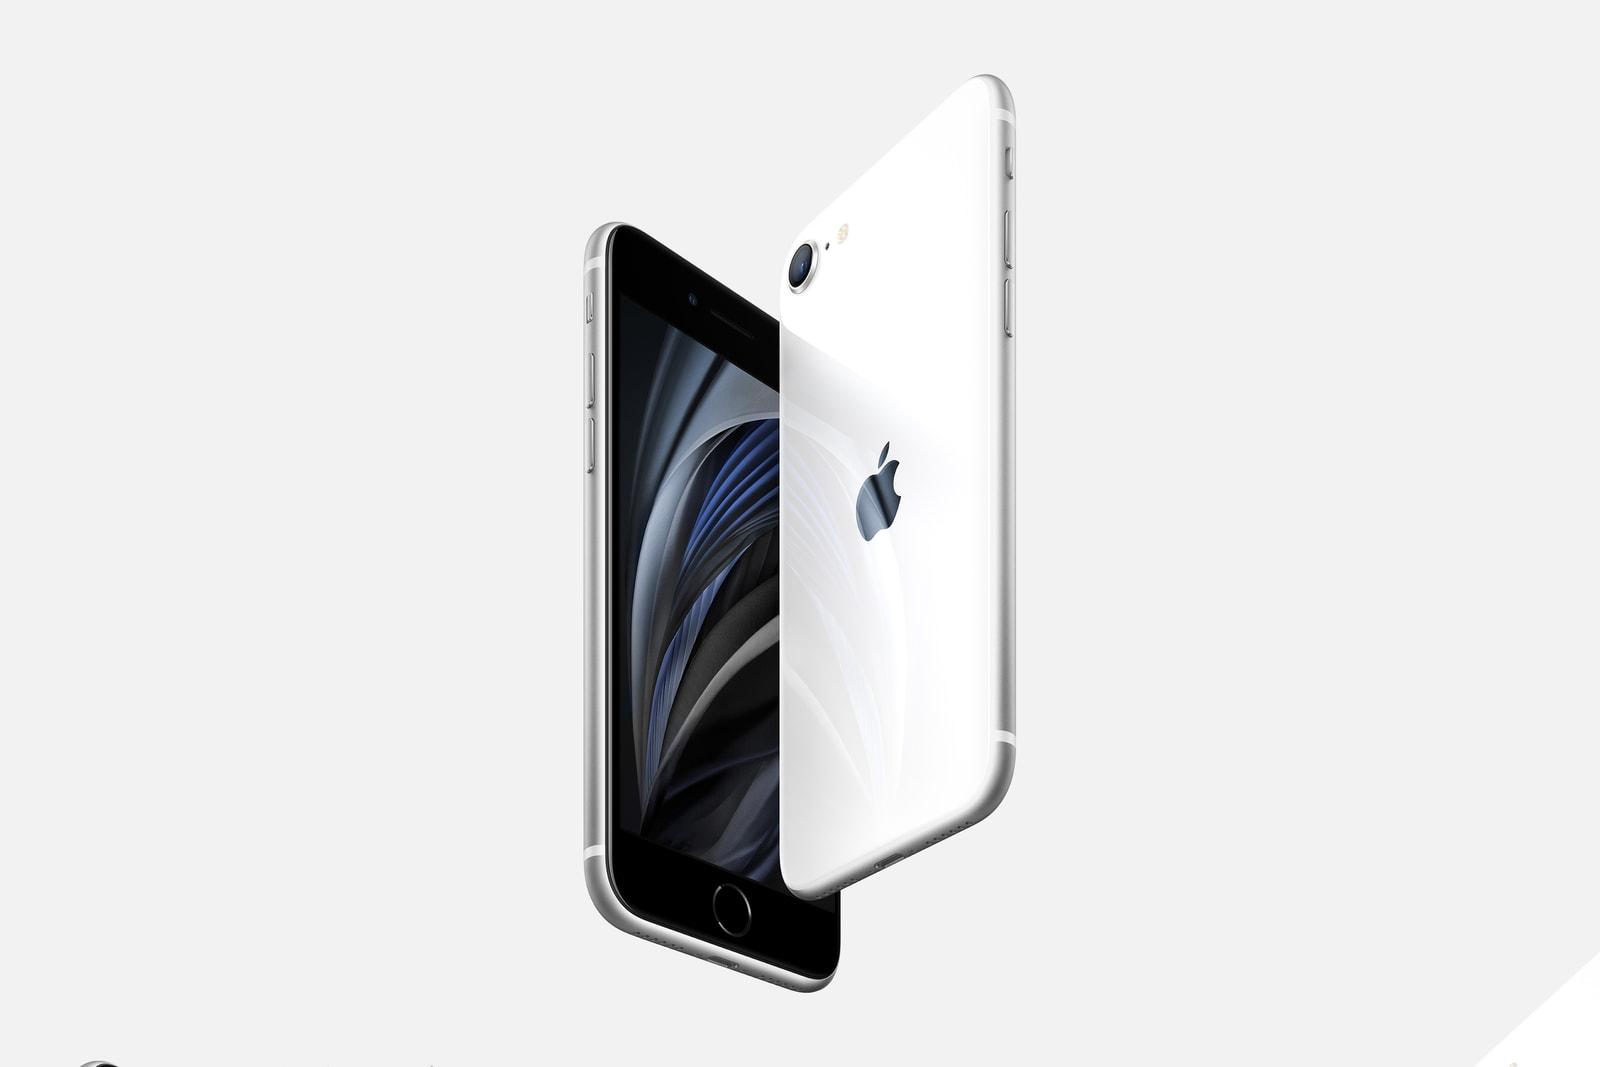 Apple 正式發佈新一代 iPhone SE 智能手機